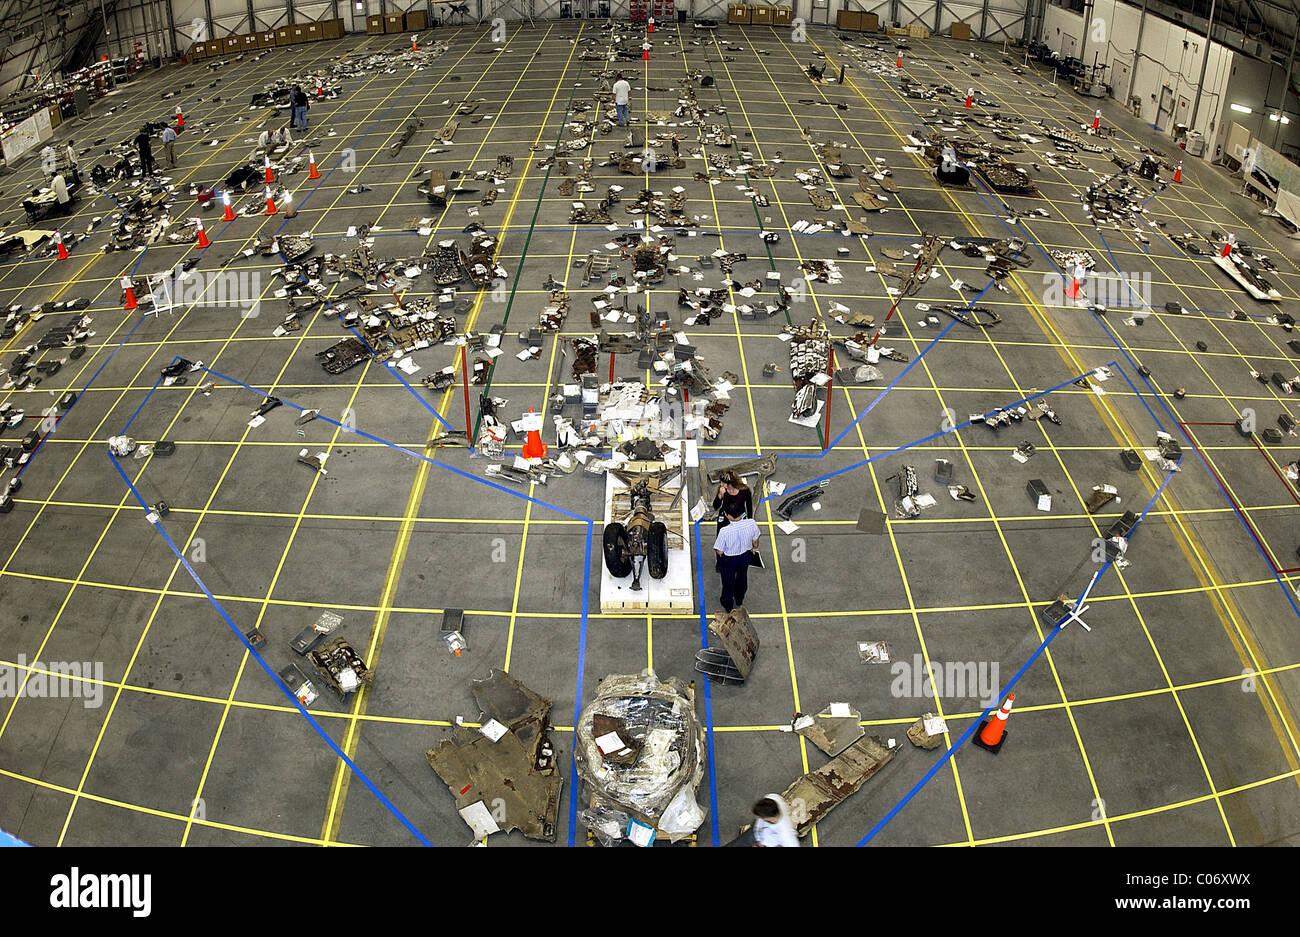 Die Columbia-Wiederaufbau-Projekt versucht, die Unterseite des Orbiter als Teil der Untersuchung zu rekonstruieren Stockbild